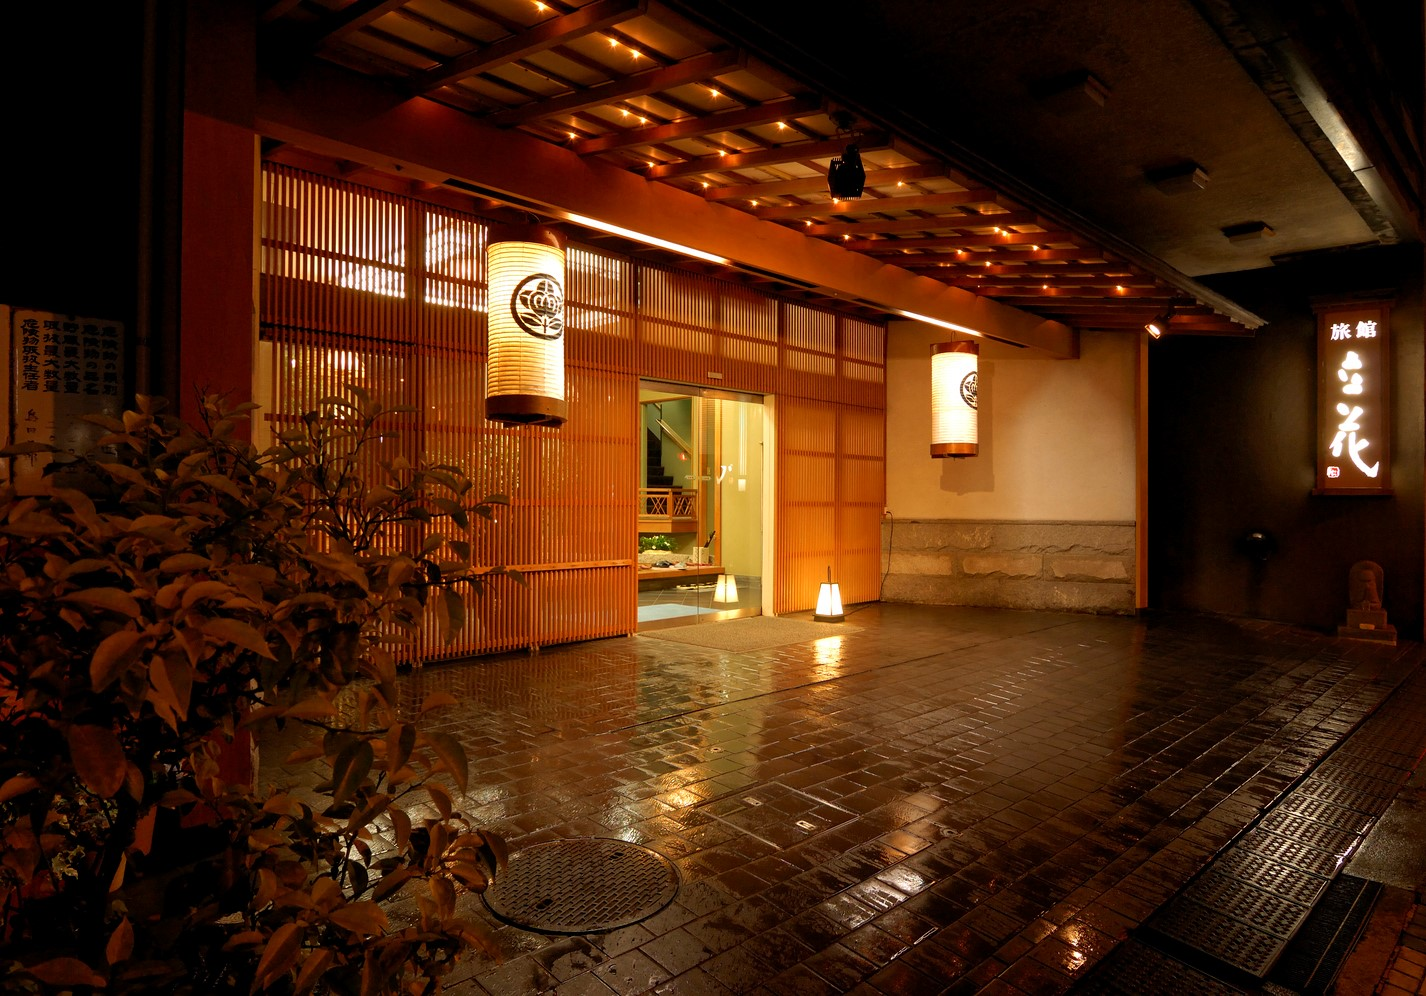 熱海温泉 旅館 立花 image